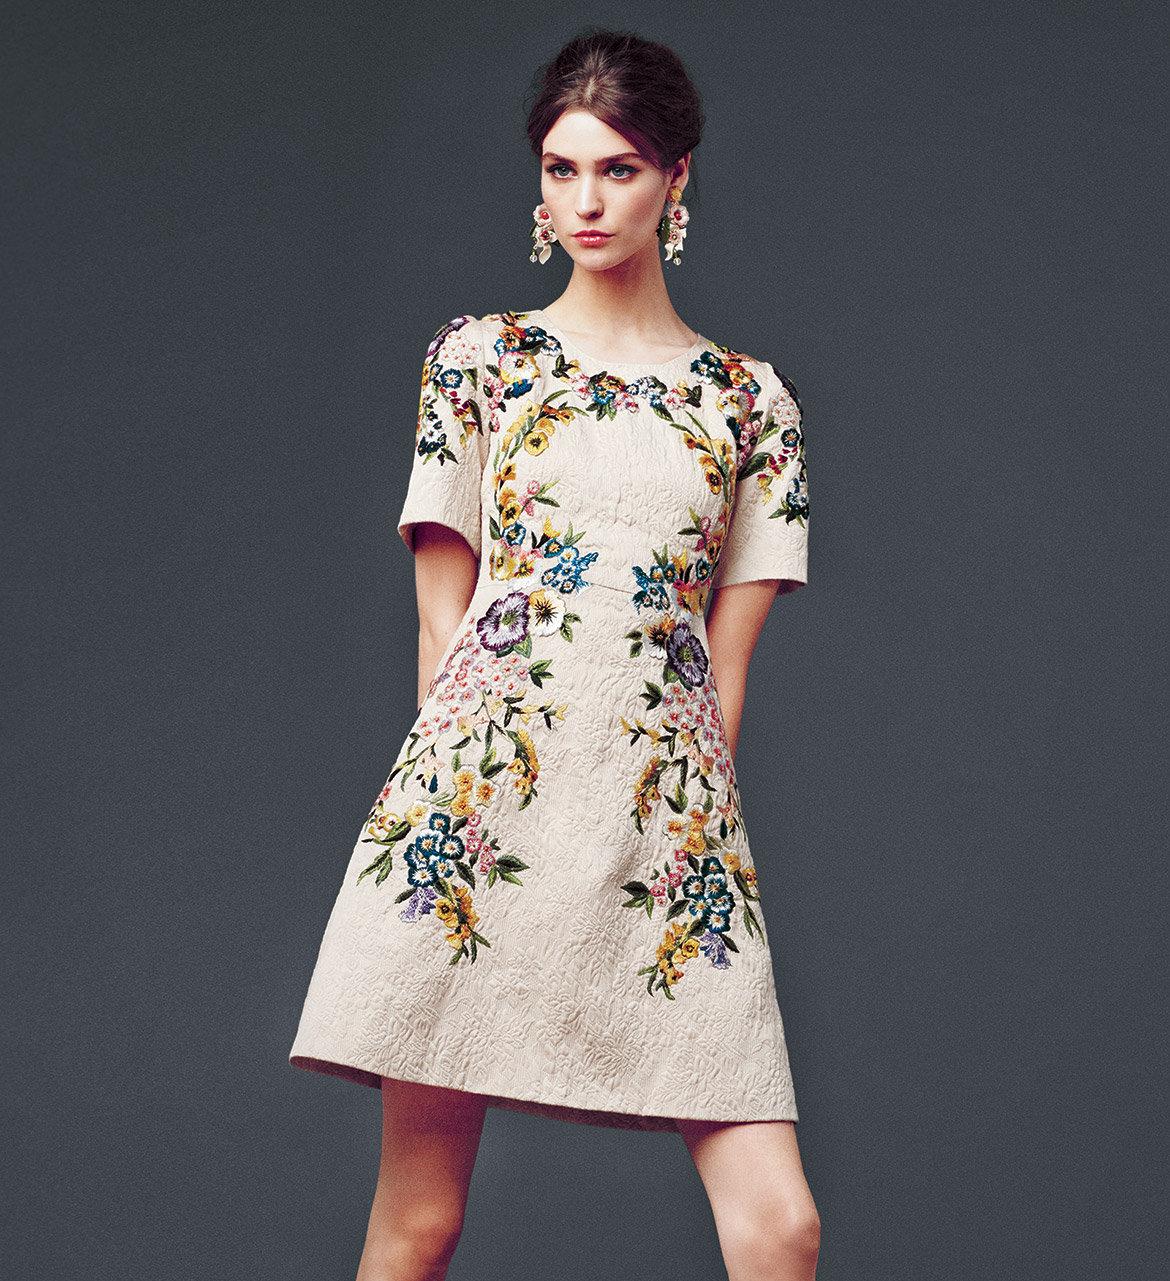 Элегантные платья для женщин за 40 фото Модные платья